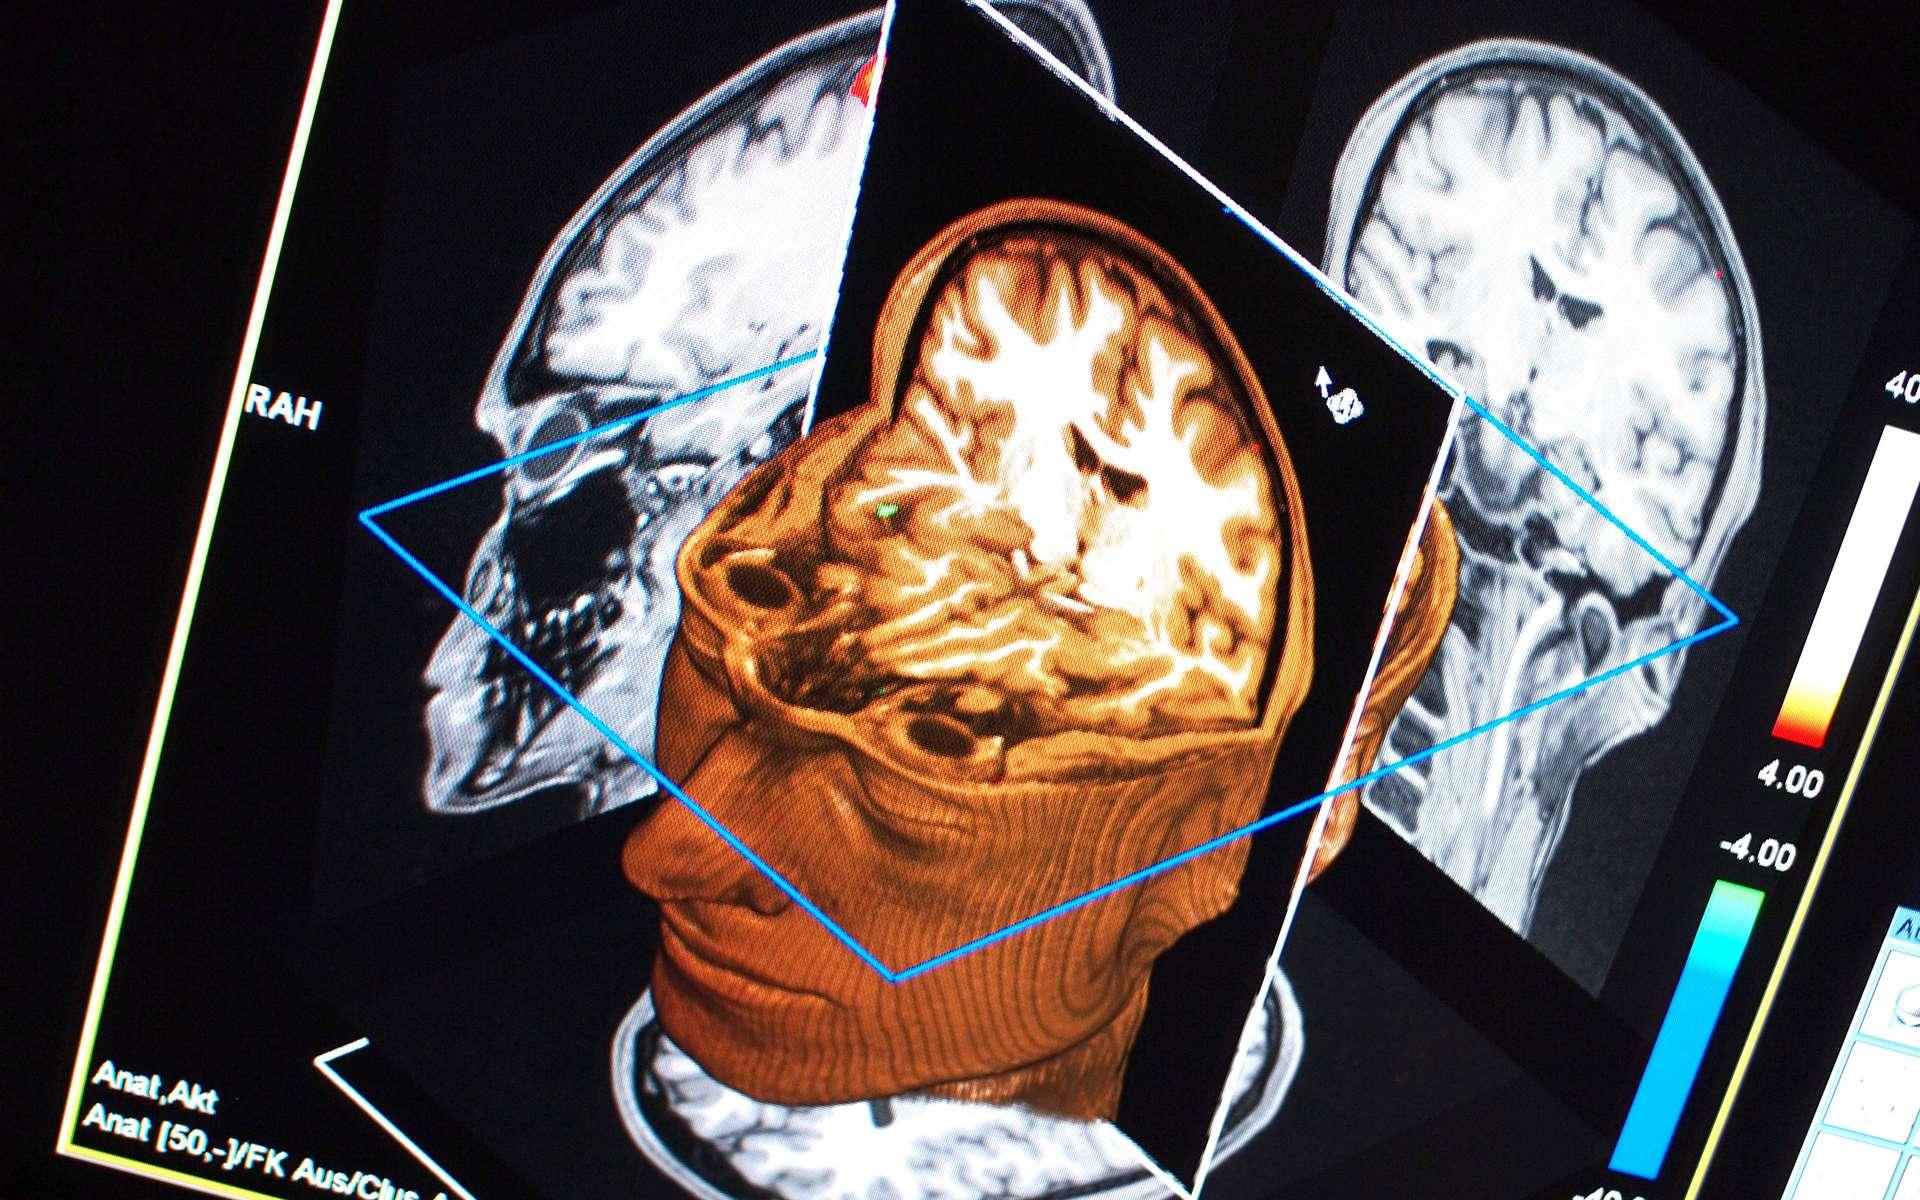 Chaque individu répond différemment à la motivation d'obtenir une récompense. Cette volonté est visible dans le cerveau par IRM fonctionnelle : le striatum ventral s'allume plus ou moins intensément selon le patient et son degré personnel d'appât du gain. © Ars Electronica / Flickr - licence Creative Commons